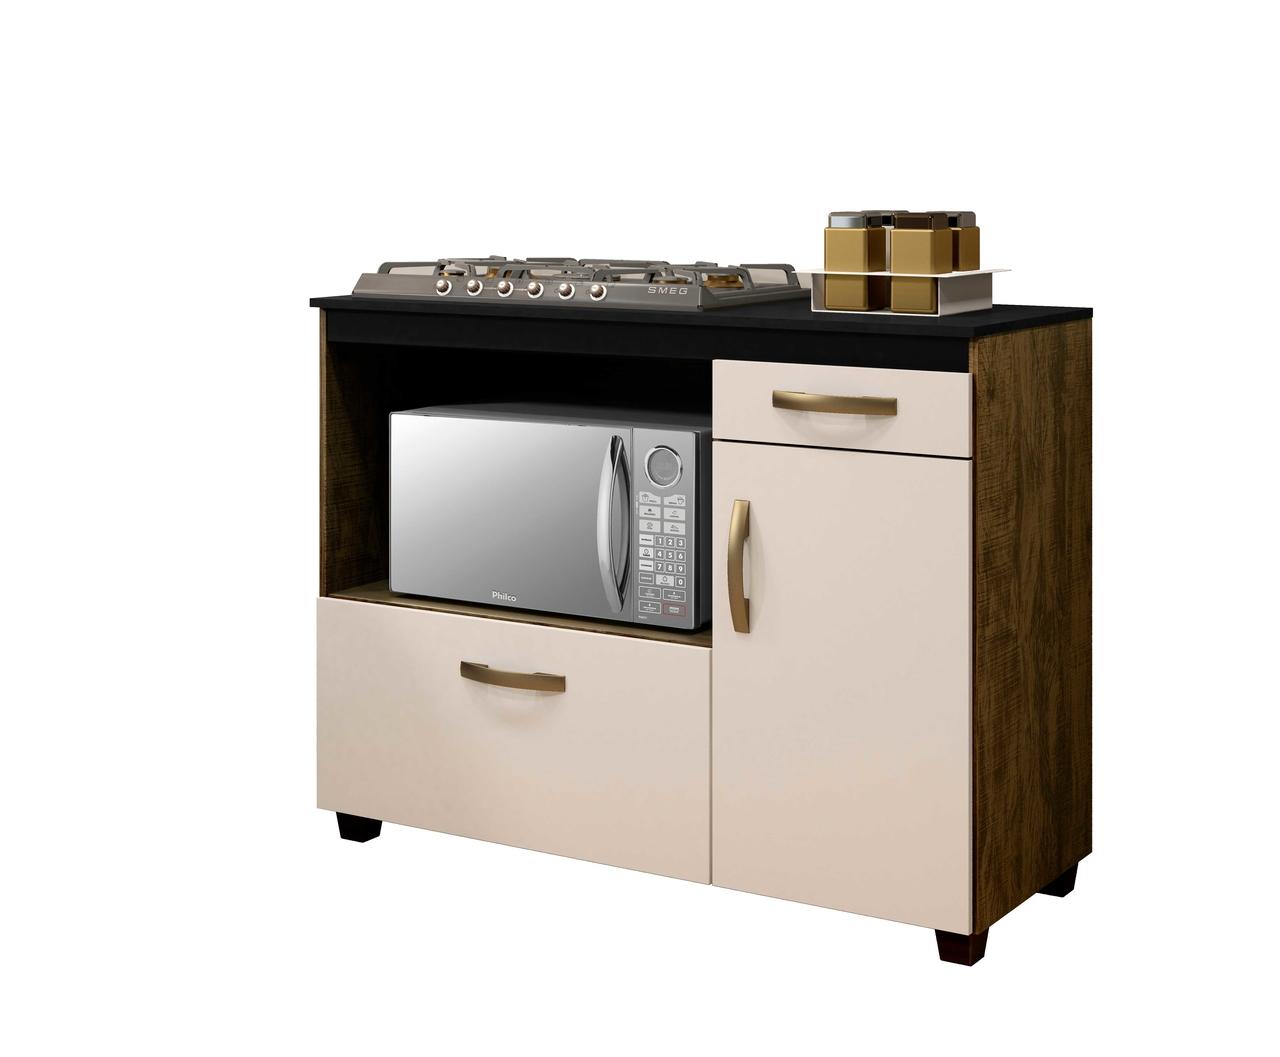 Balcão de Cozinha para Cooktop 5 Bocas 2 Portas 1 Gaveta Cronos Arte Móveis